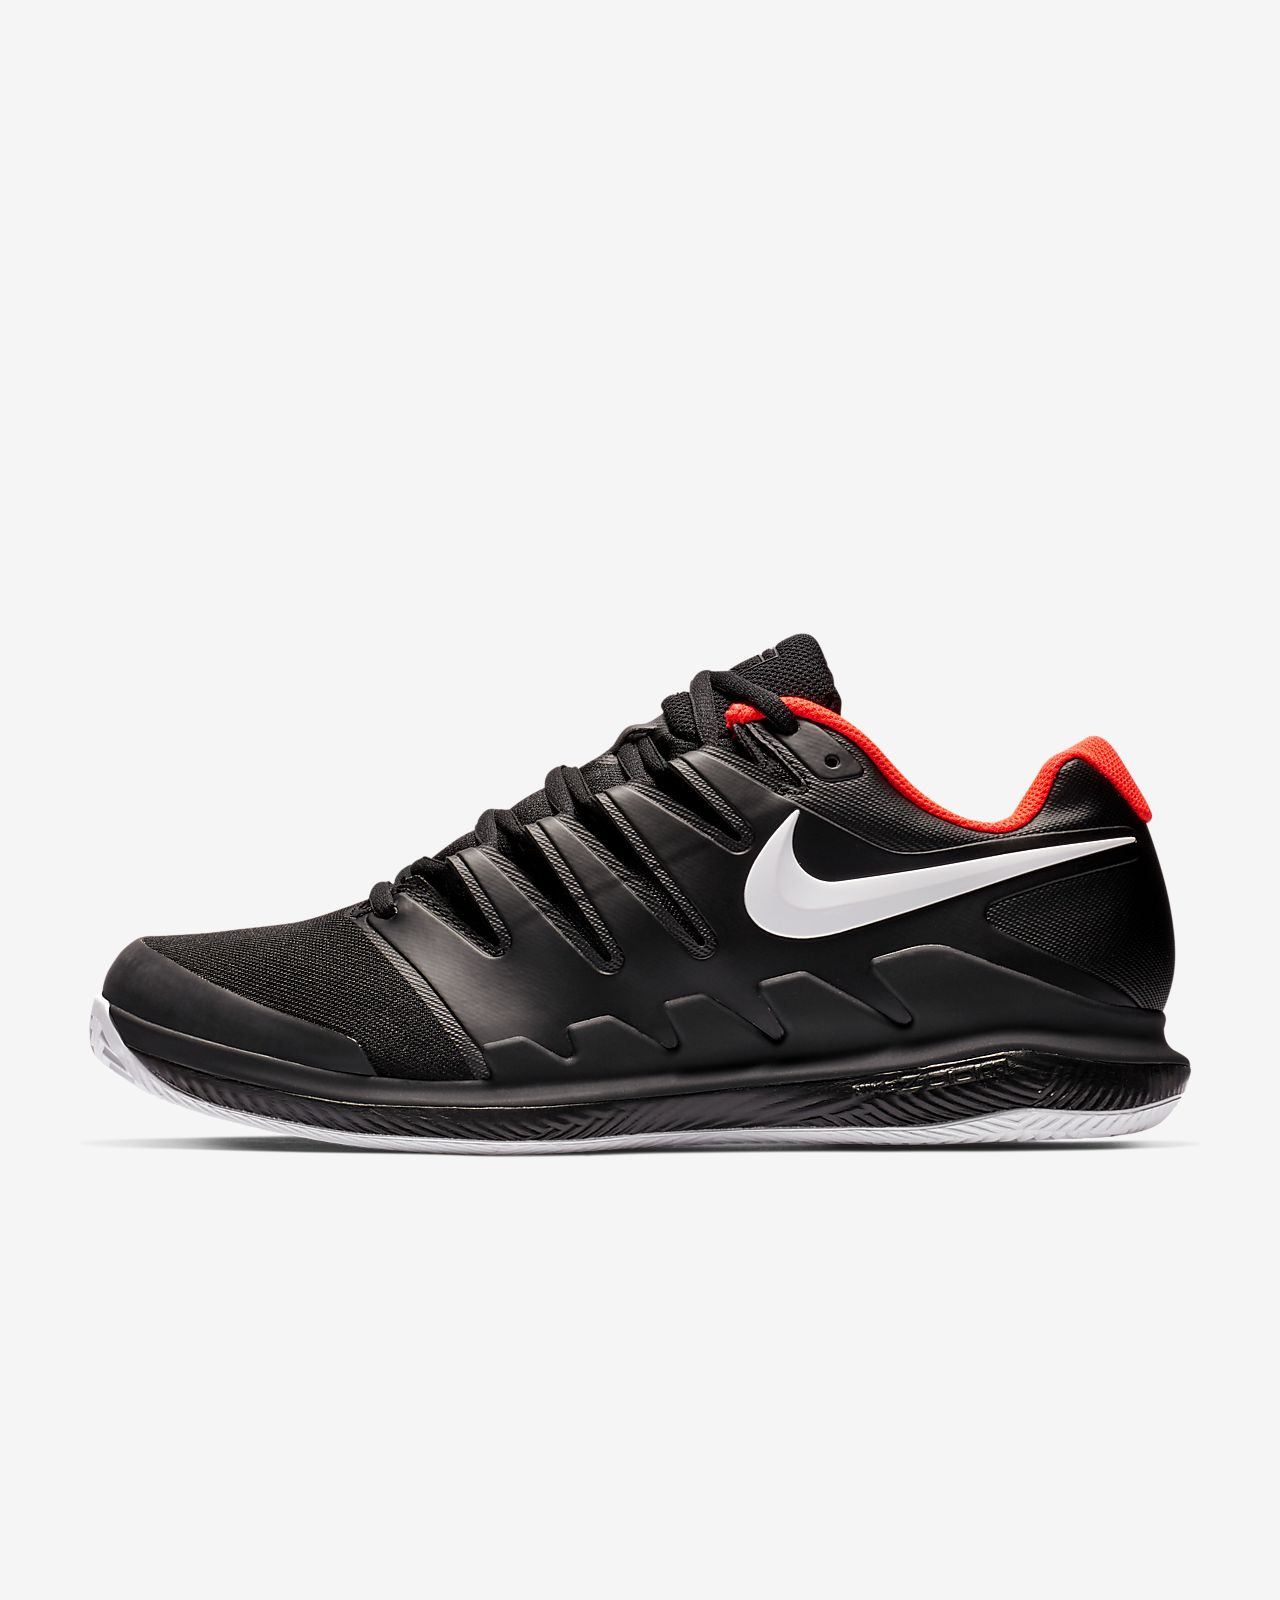 size 40 12622 fa978 ... Nike Air Zoom Vapor X Clay-tennissko til mænd